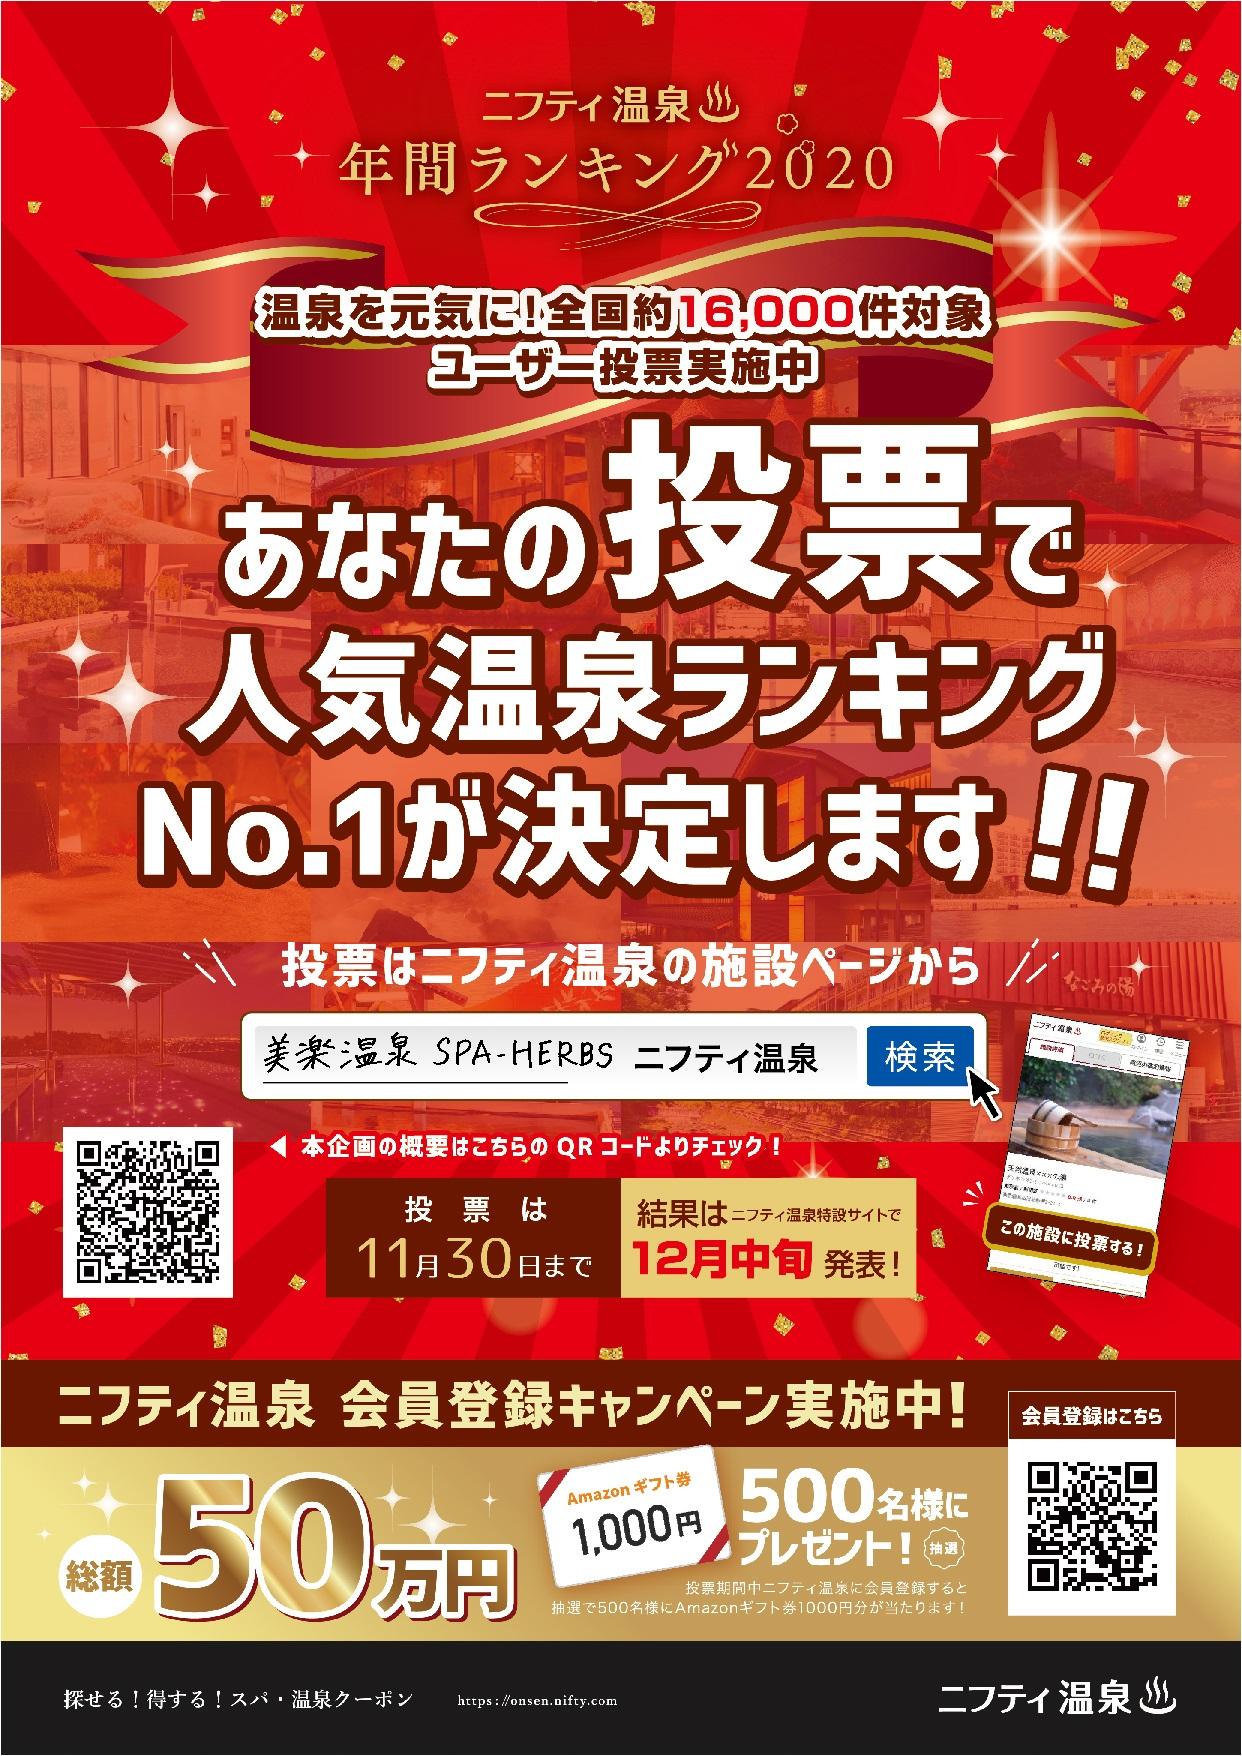 ニフティ温泉 ユーザー投票スタート!!